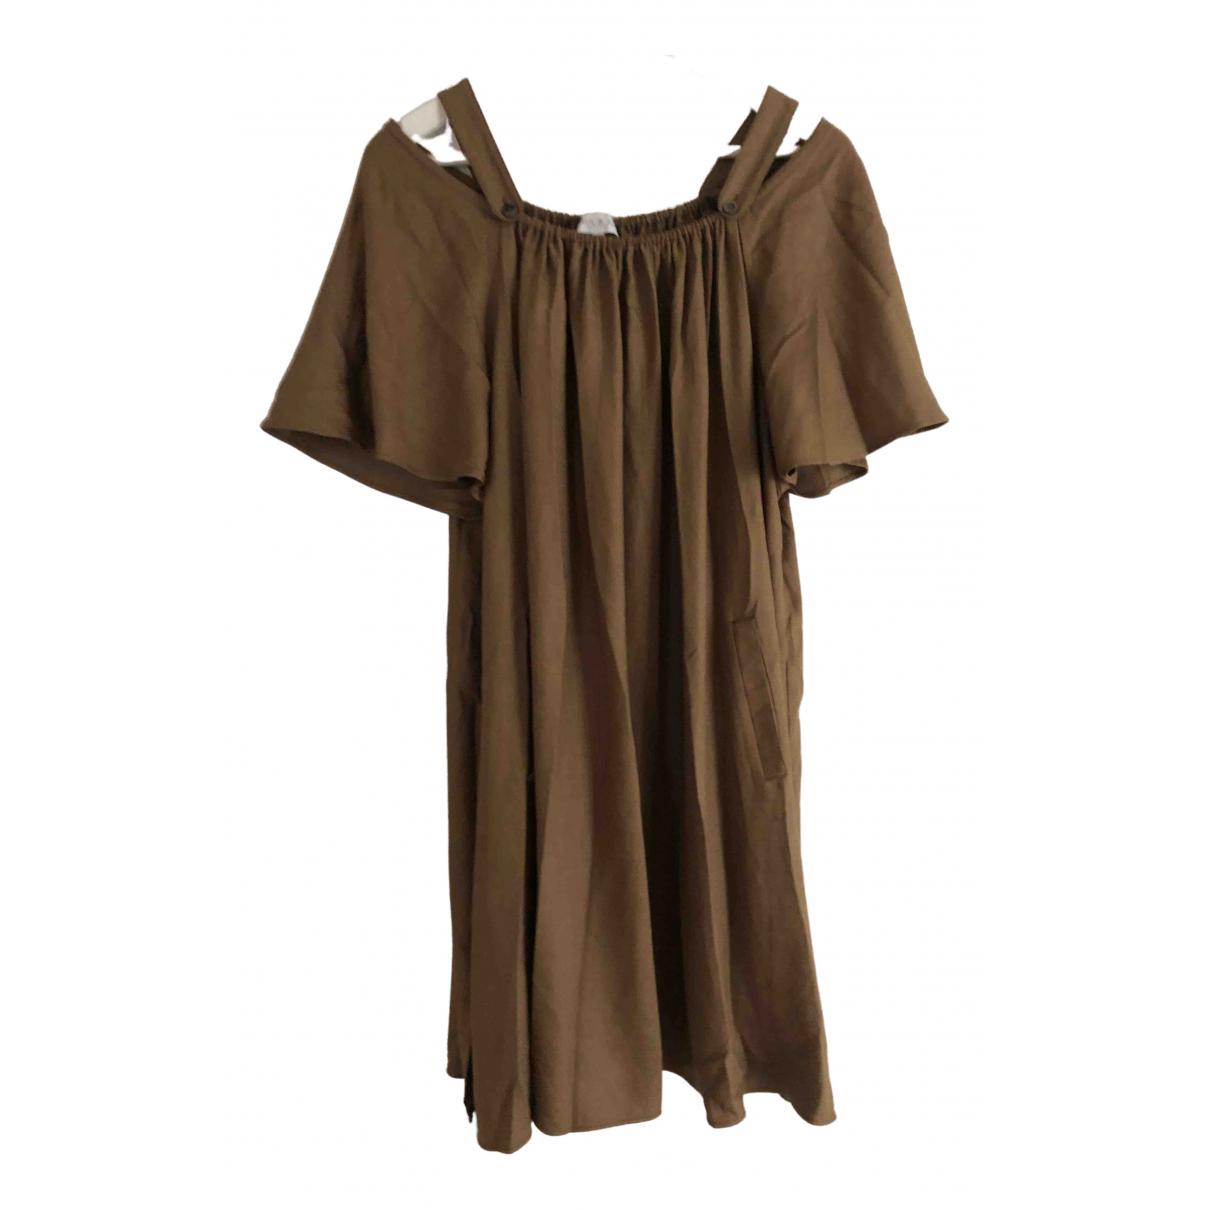 Paul & Joe \N Kleid in  Braun Polyester